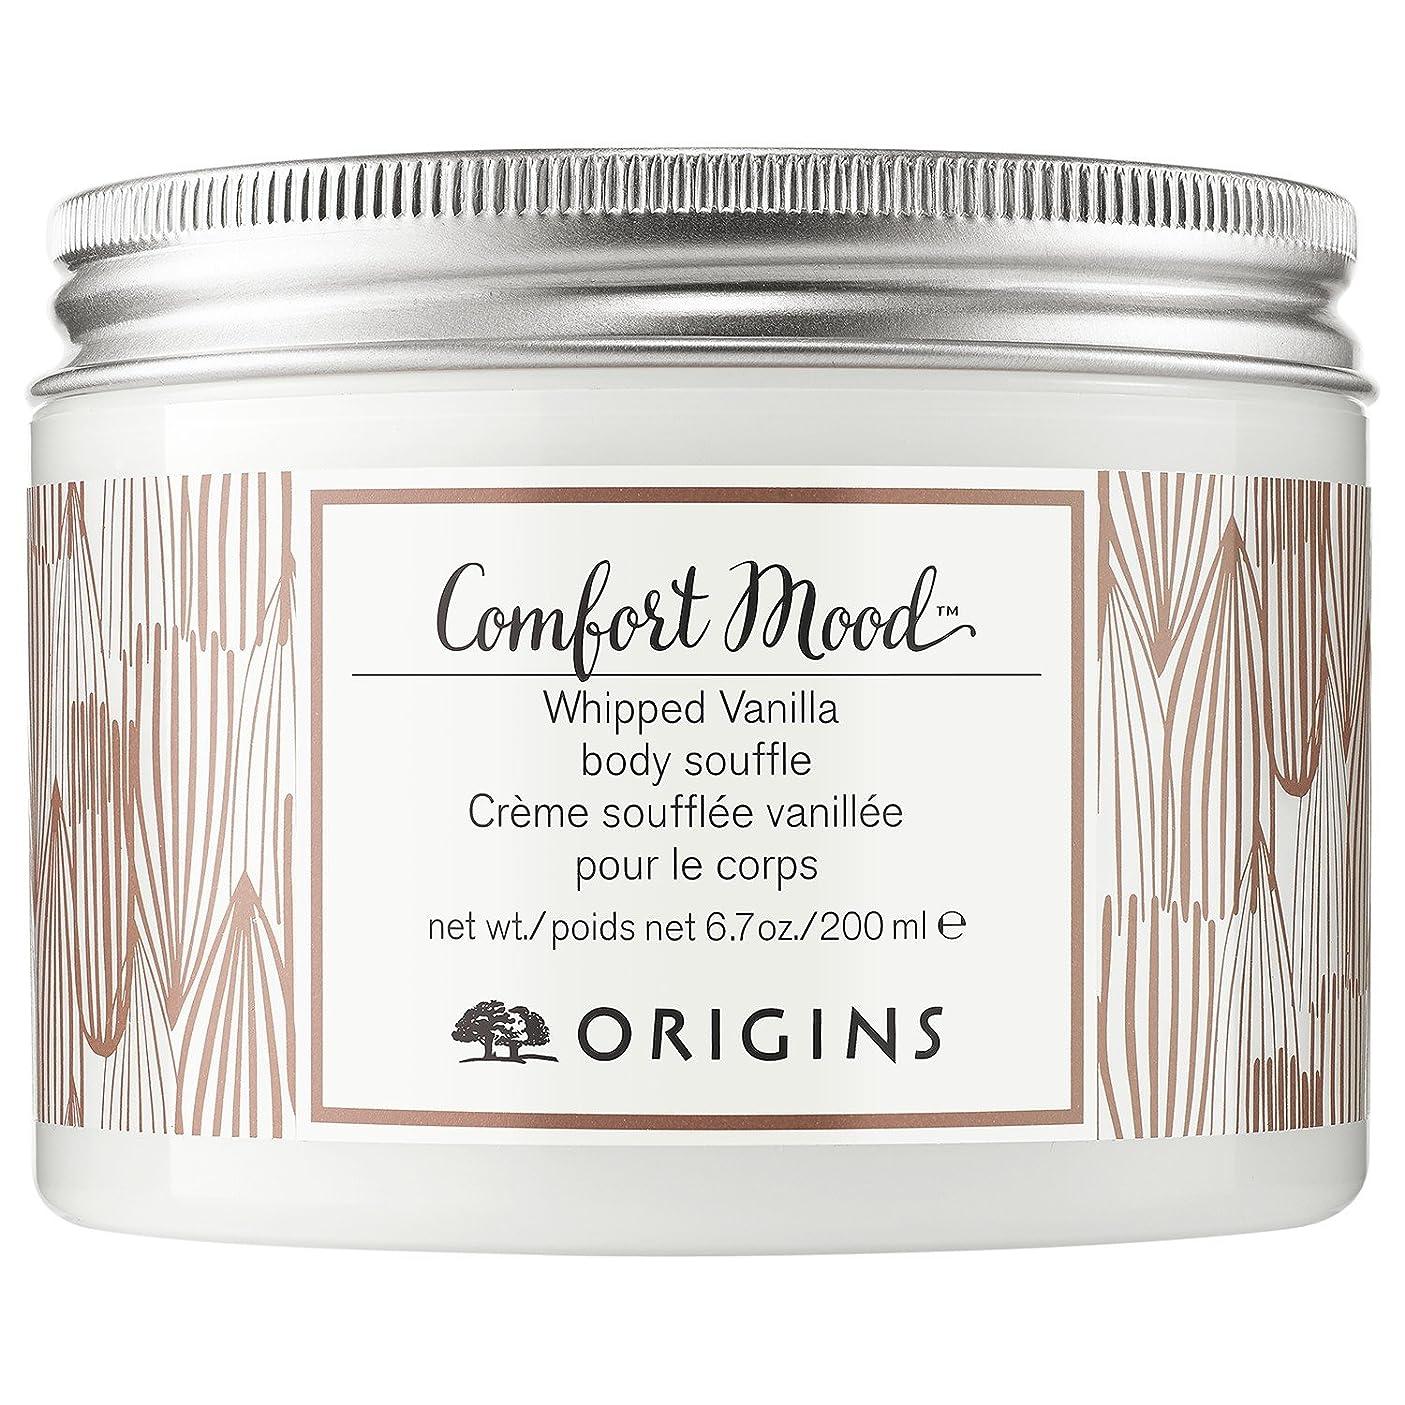 電子レンジ重荷食べる起源の快適な気分ホイップバニラボディスフレ200ミリリットル (Origins) - Origins Comfort Mood Whipped Vanilla Body Souffle 200ml [並行輸入品]